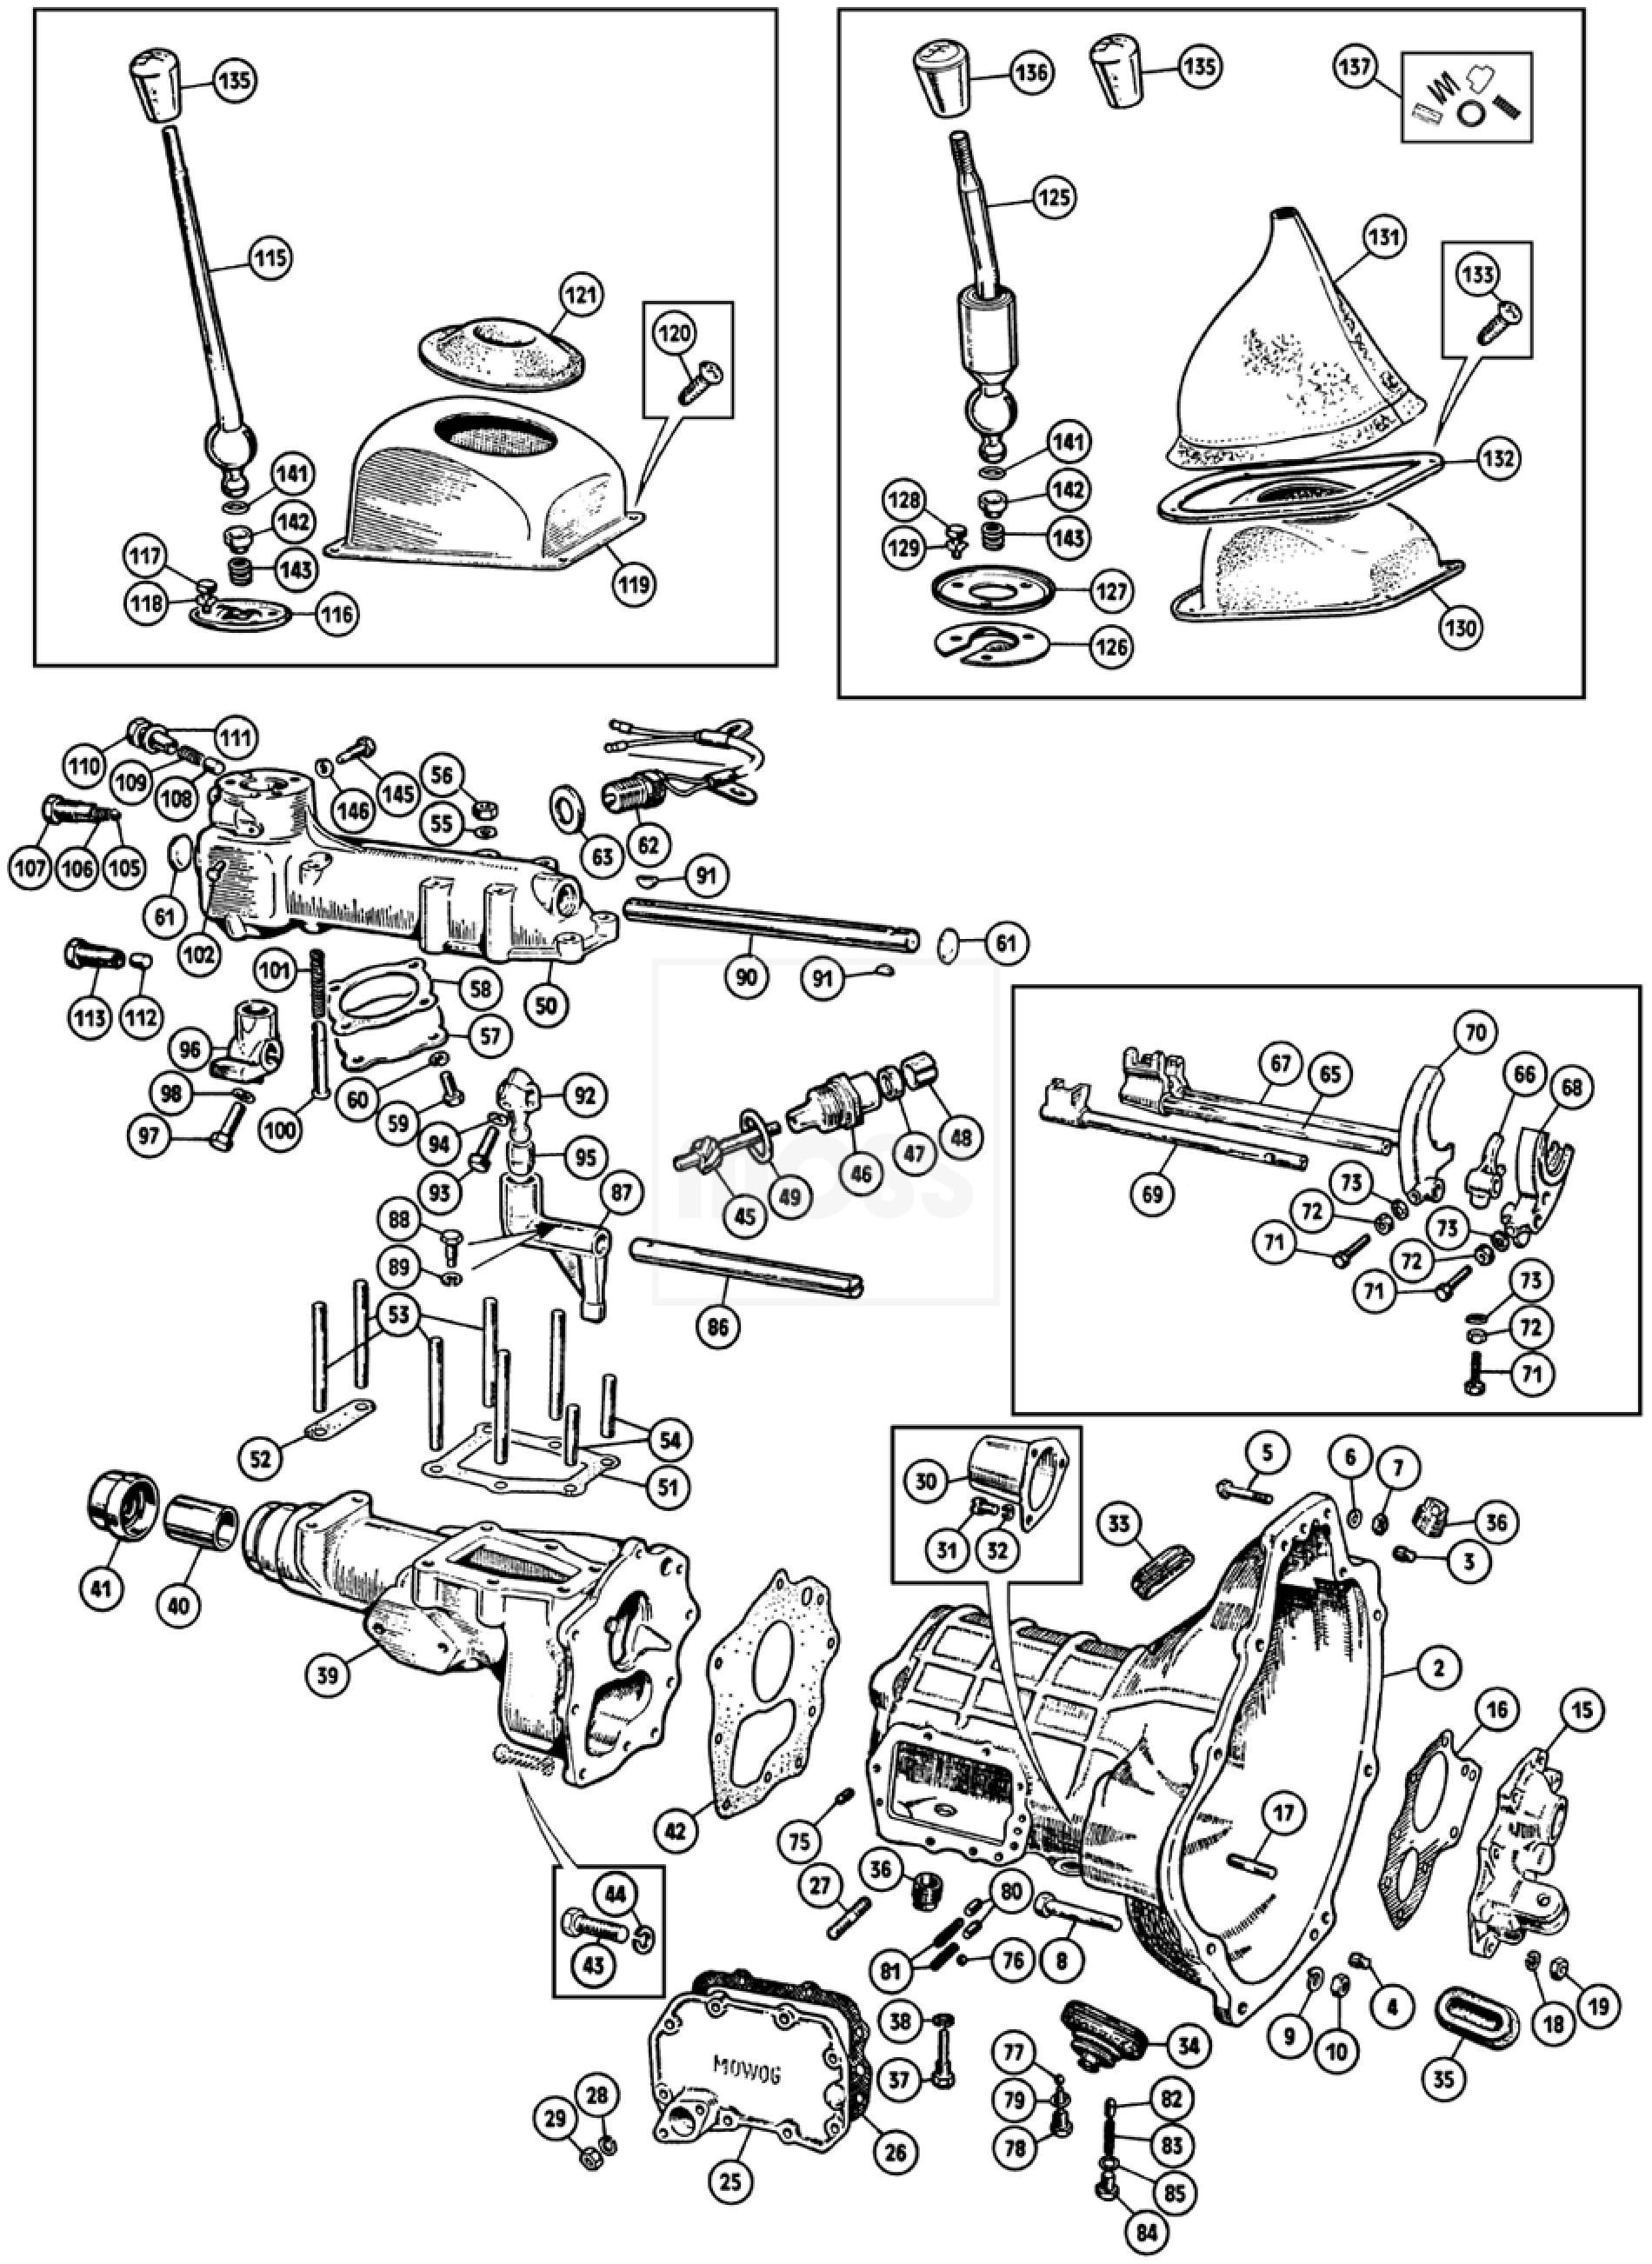 mga 1500 wiring diagram